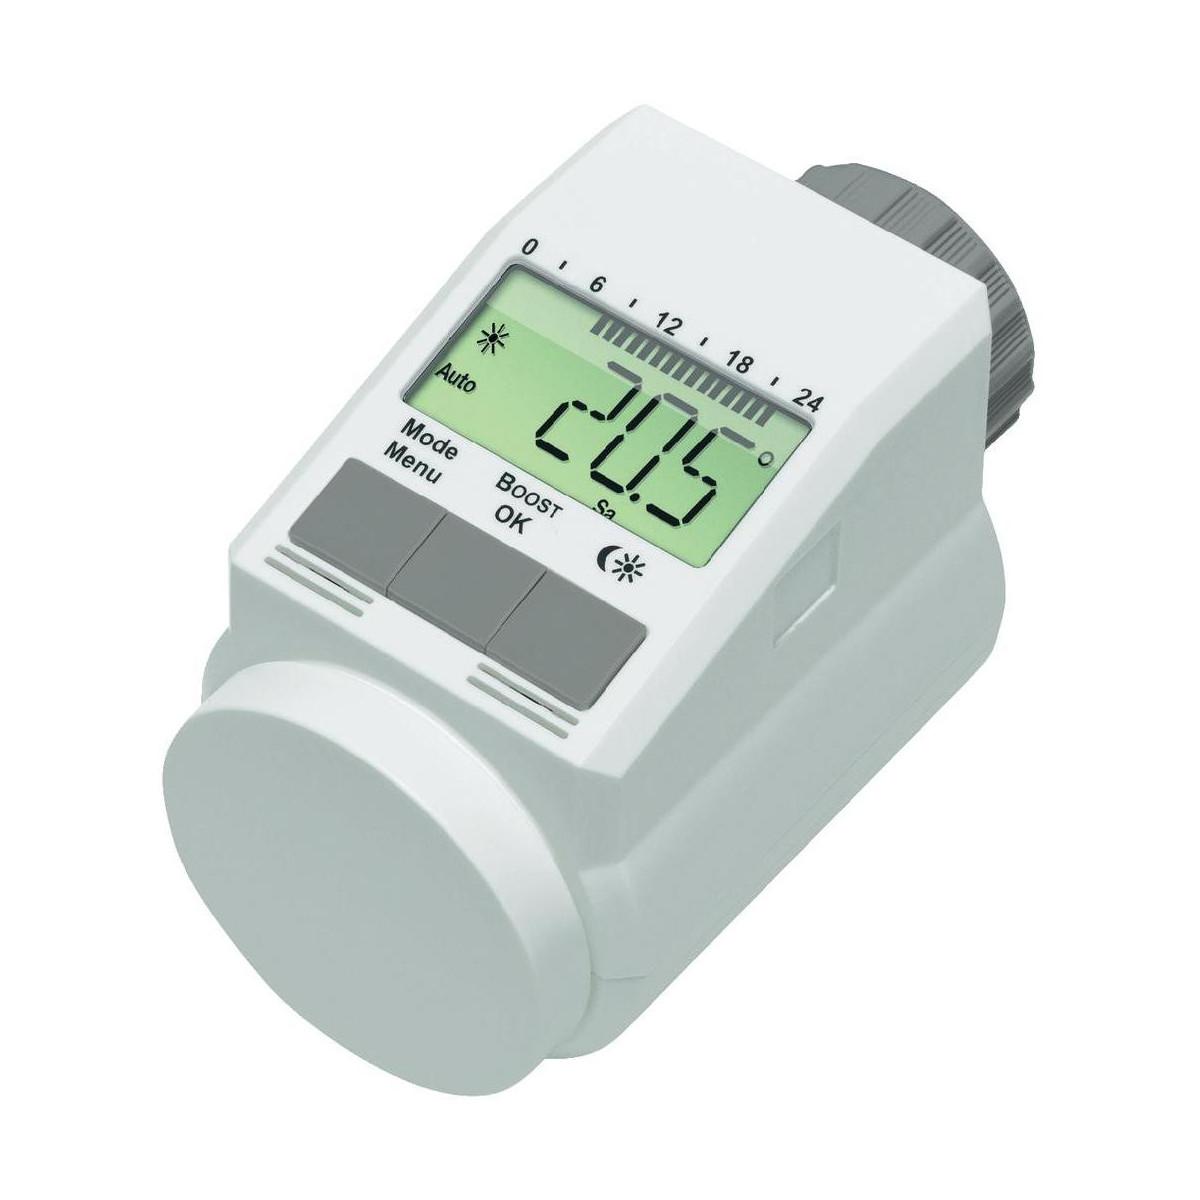 Testina termostatica l digitale crono termostato radiatore for Testina termostatica